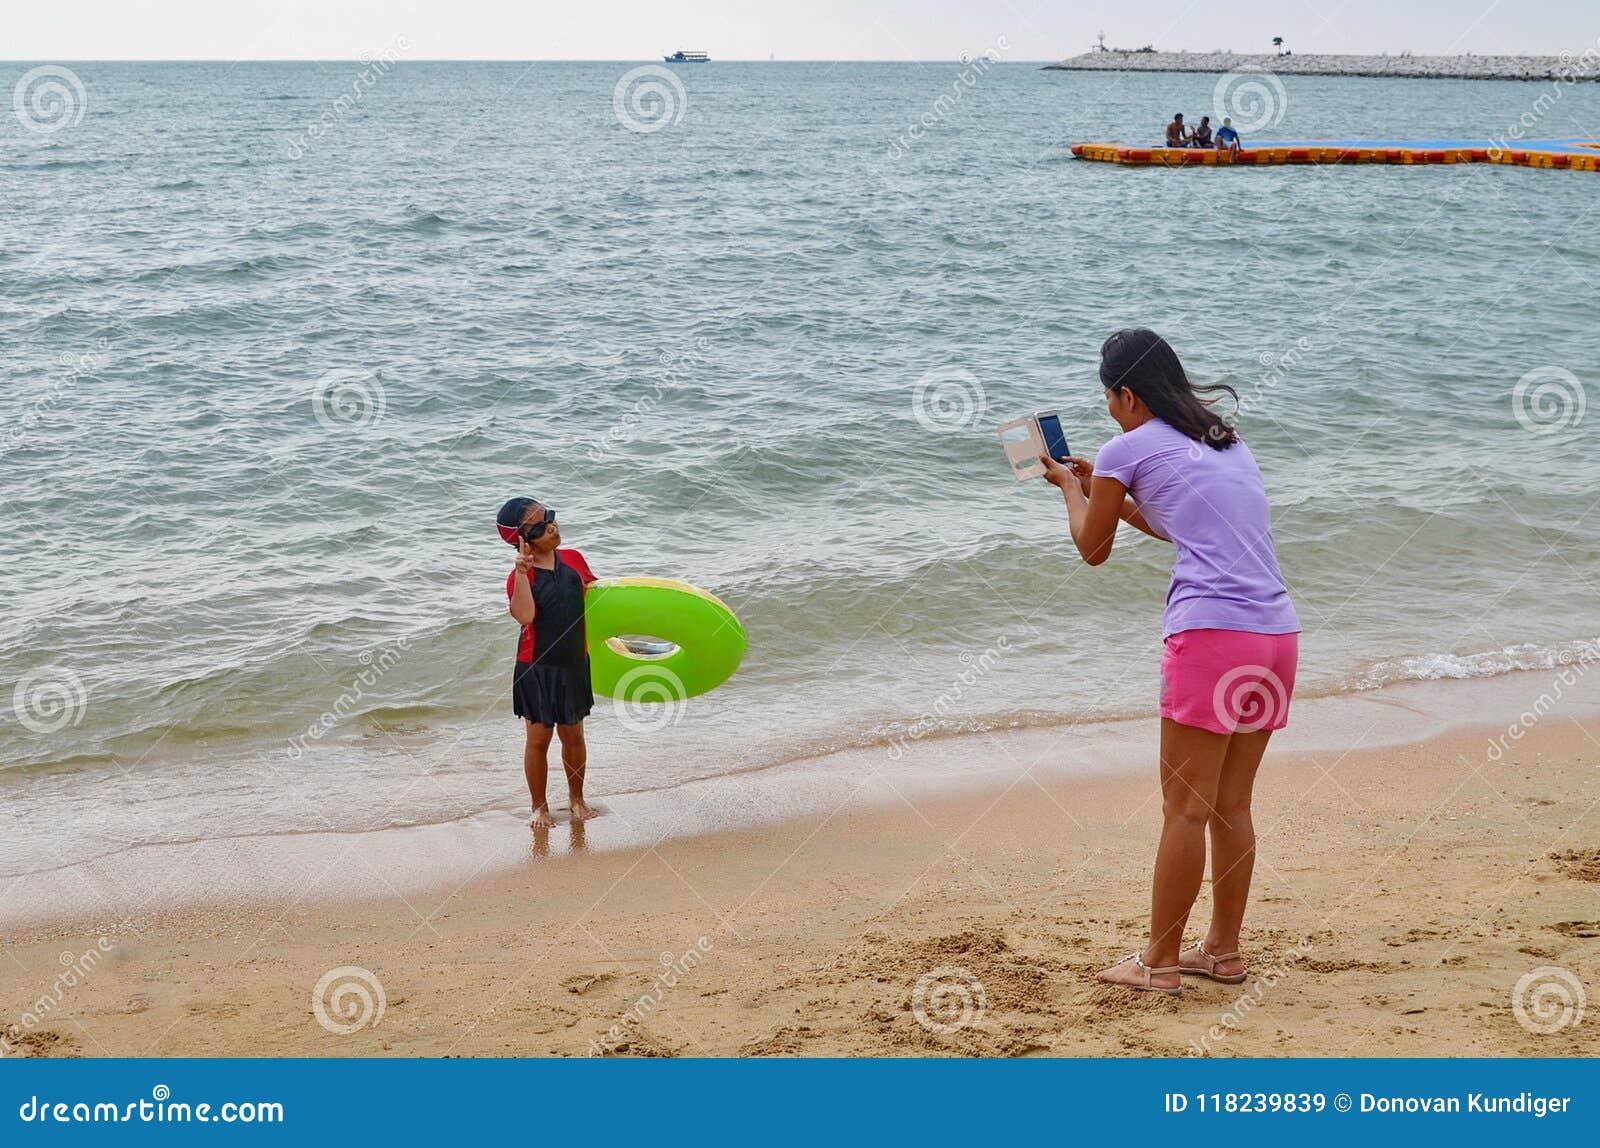 Η νέα ασιατική μητέρα παίρνει μια φωτογραφία της κόρης της στον ωκεανό